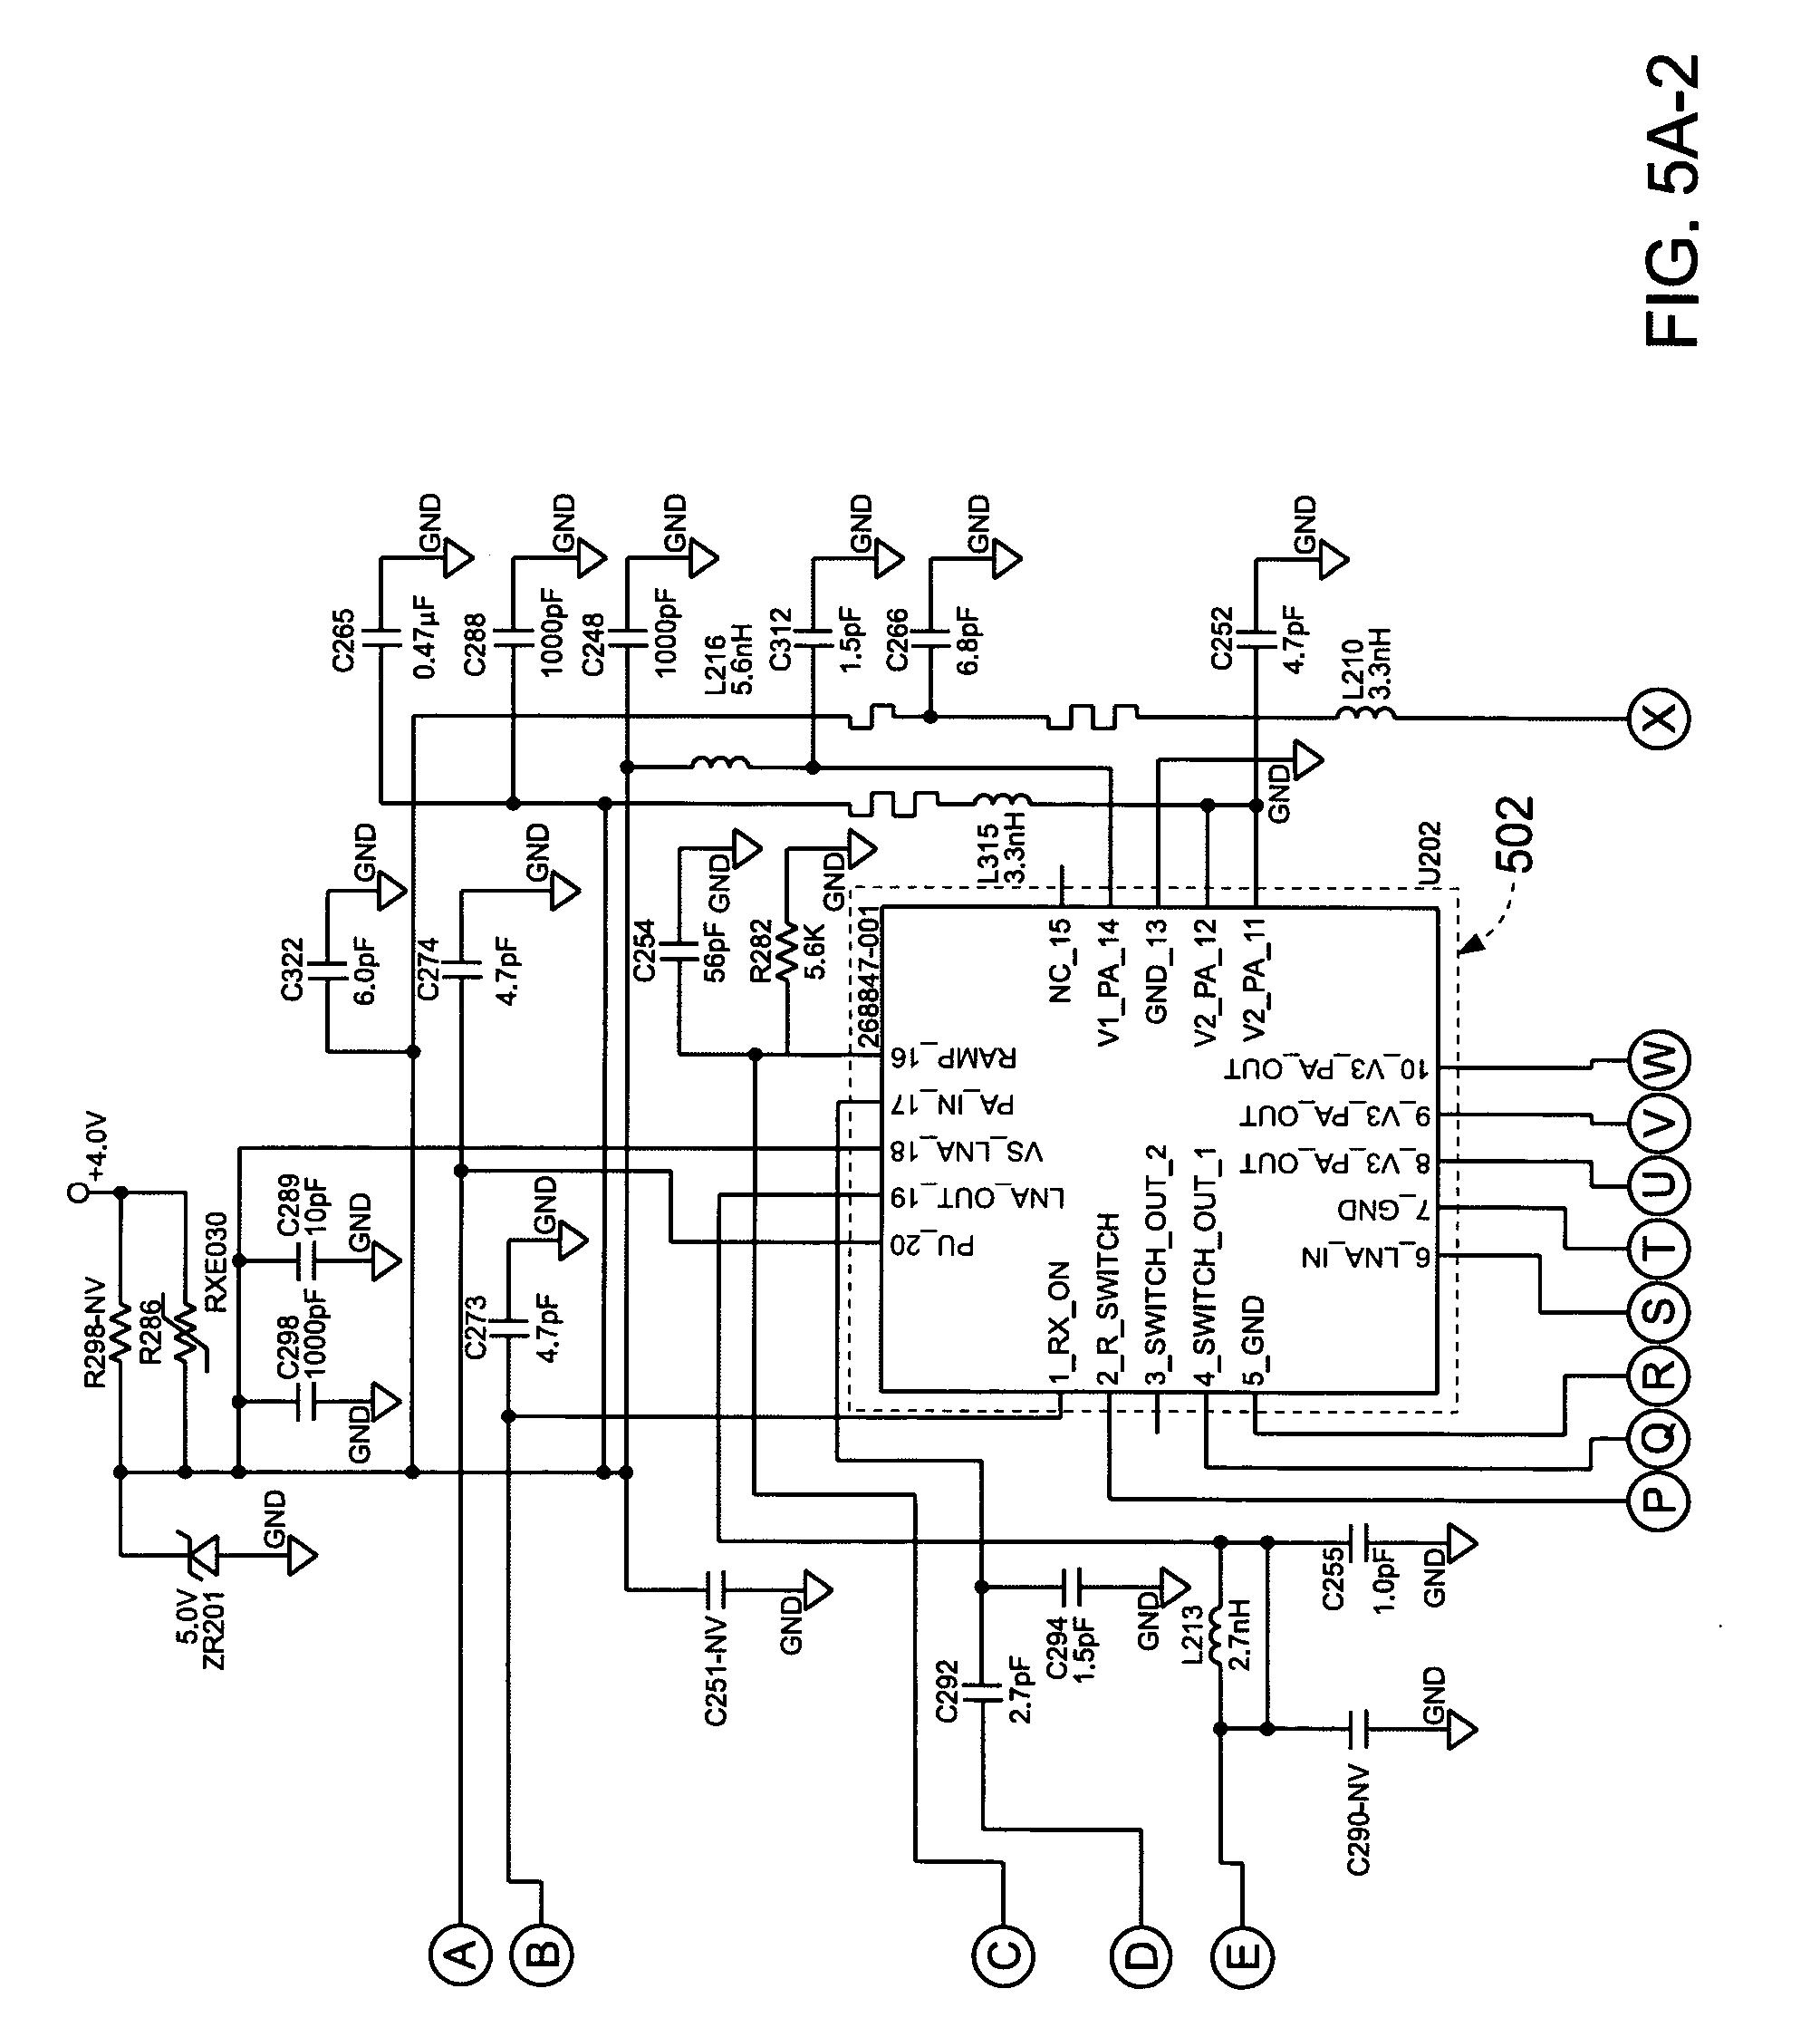 Bose Surround Sound Setup Diagram Somurich Com